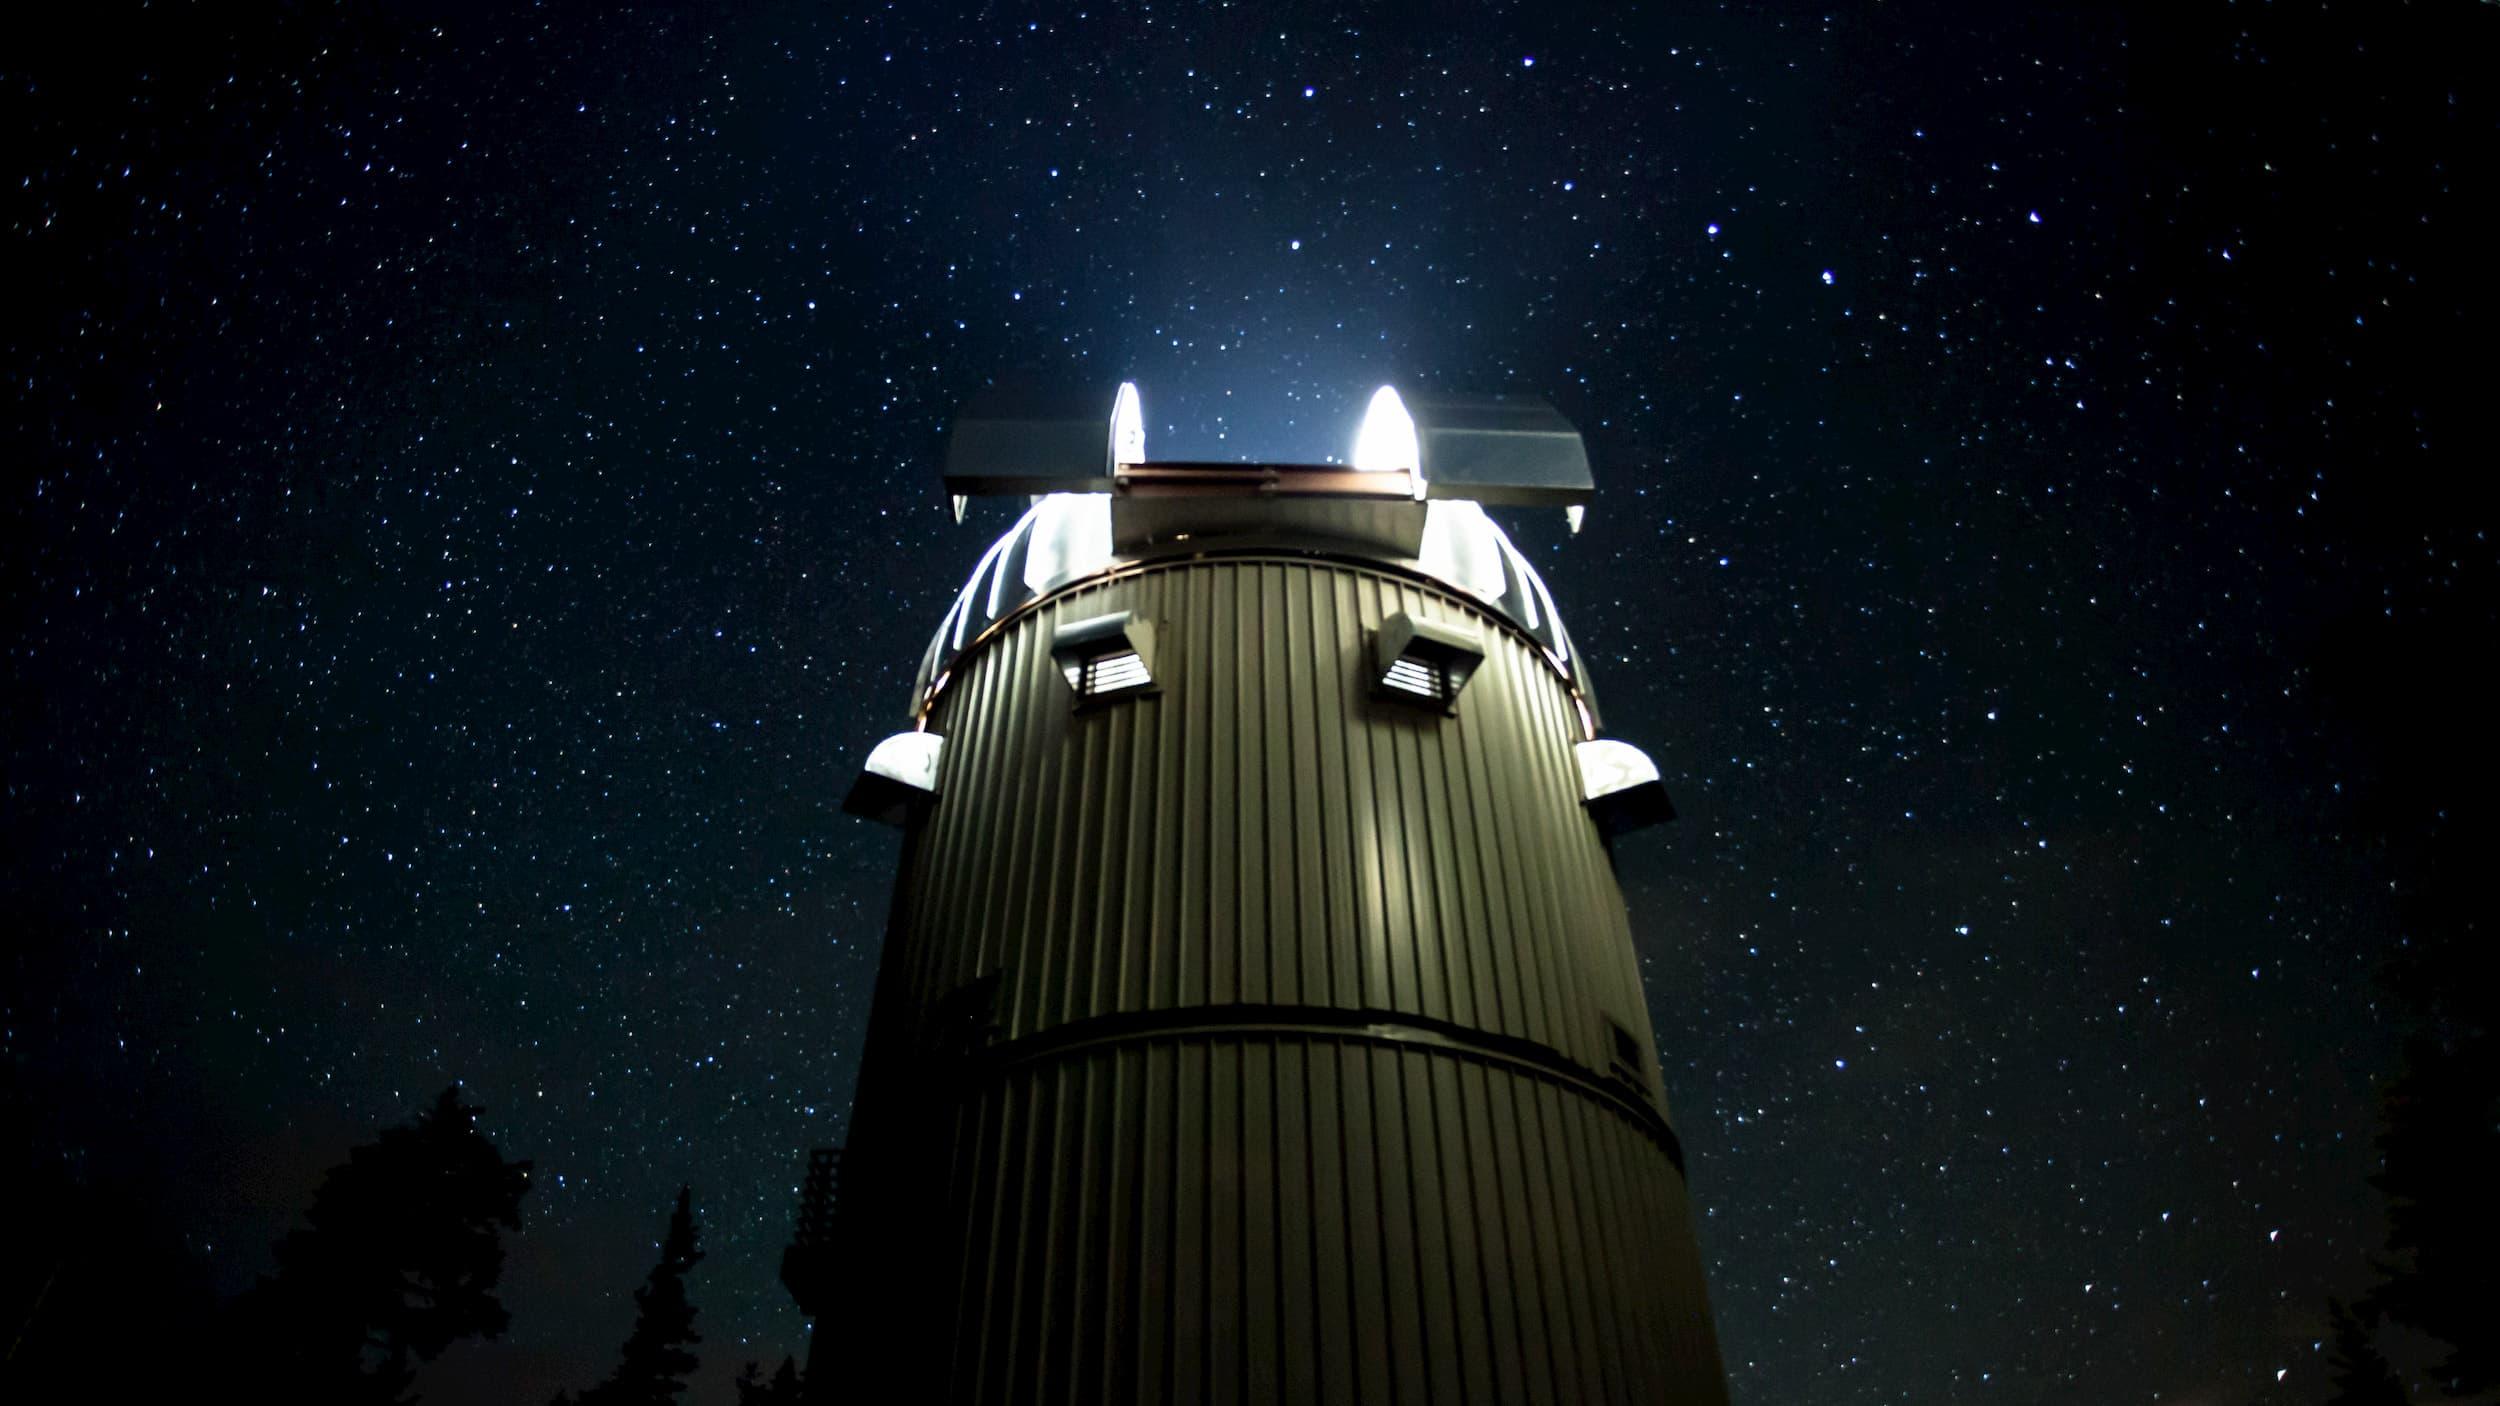 Vatican Advanced Technology Telescope (VATT)